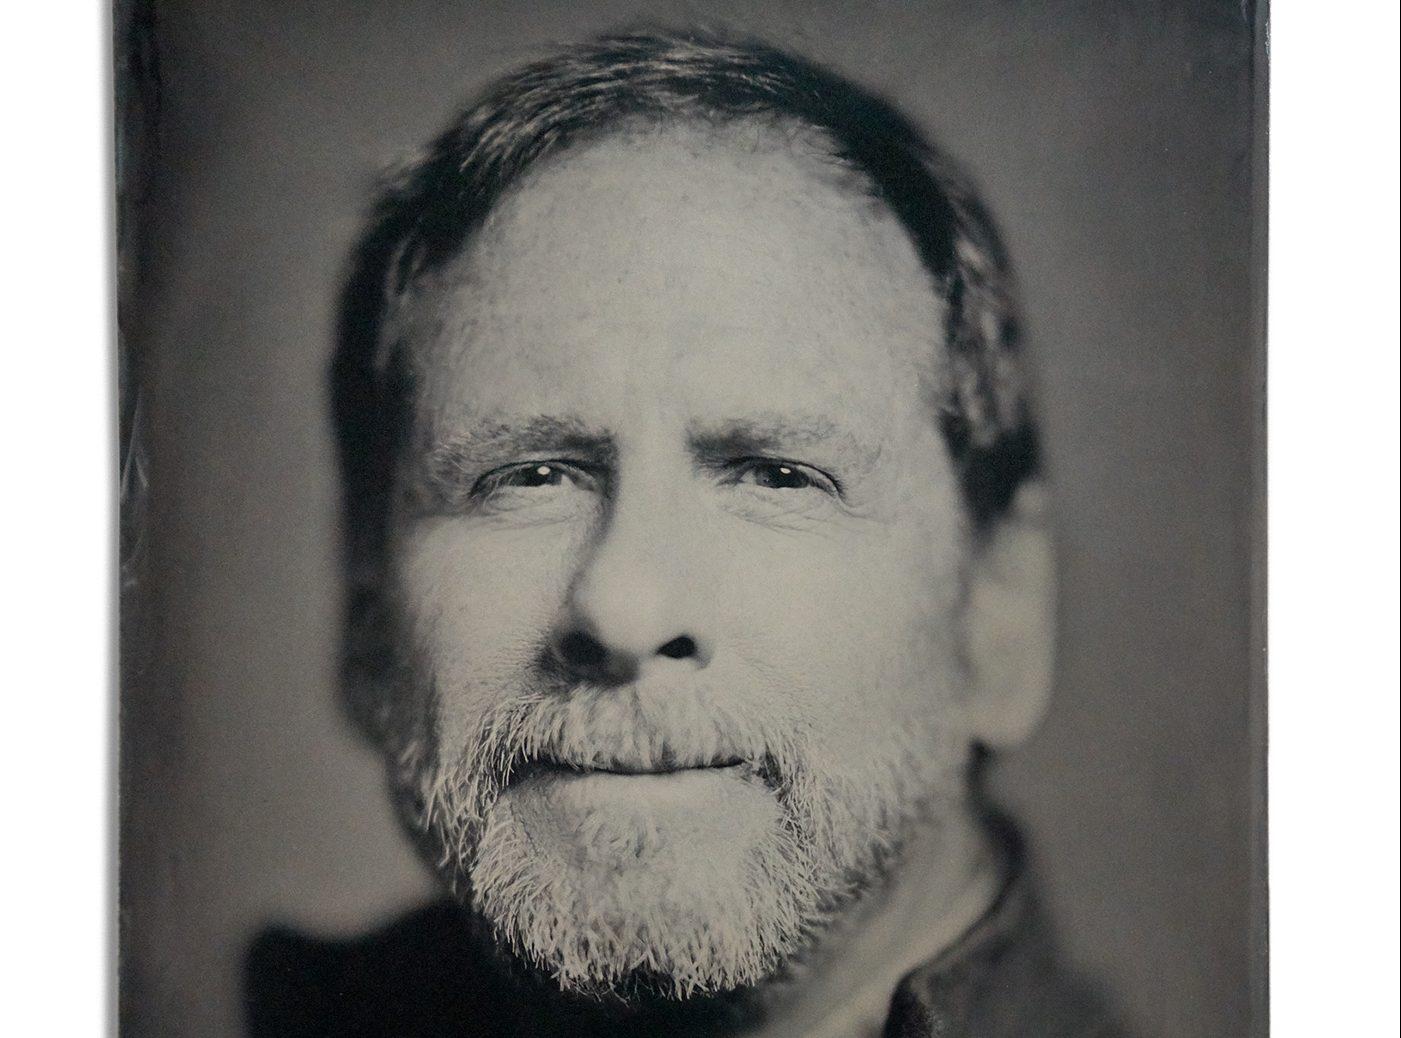 Ed Rosenberger, 2019, large format, wet-plate image. Photo: David Hyams, Luminaria.